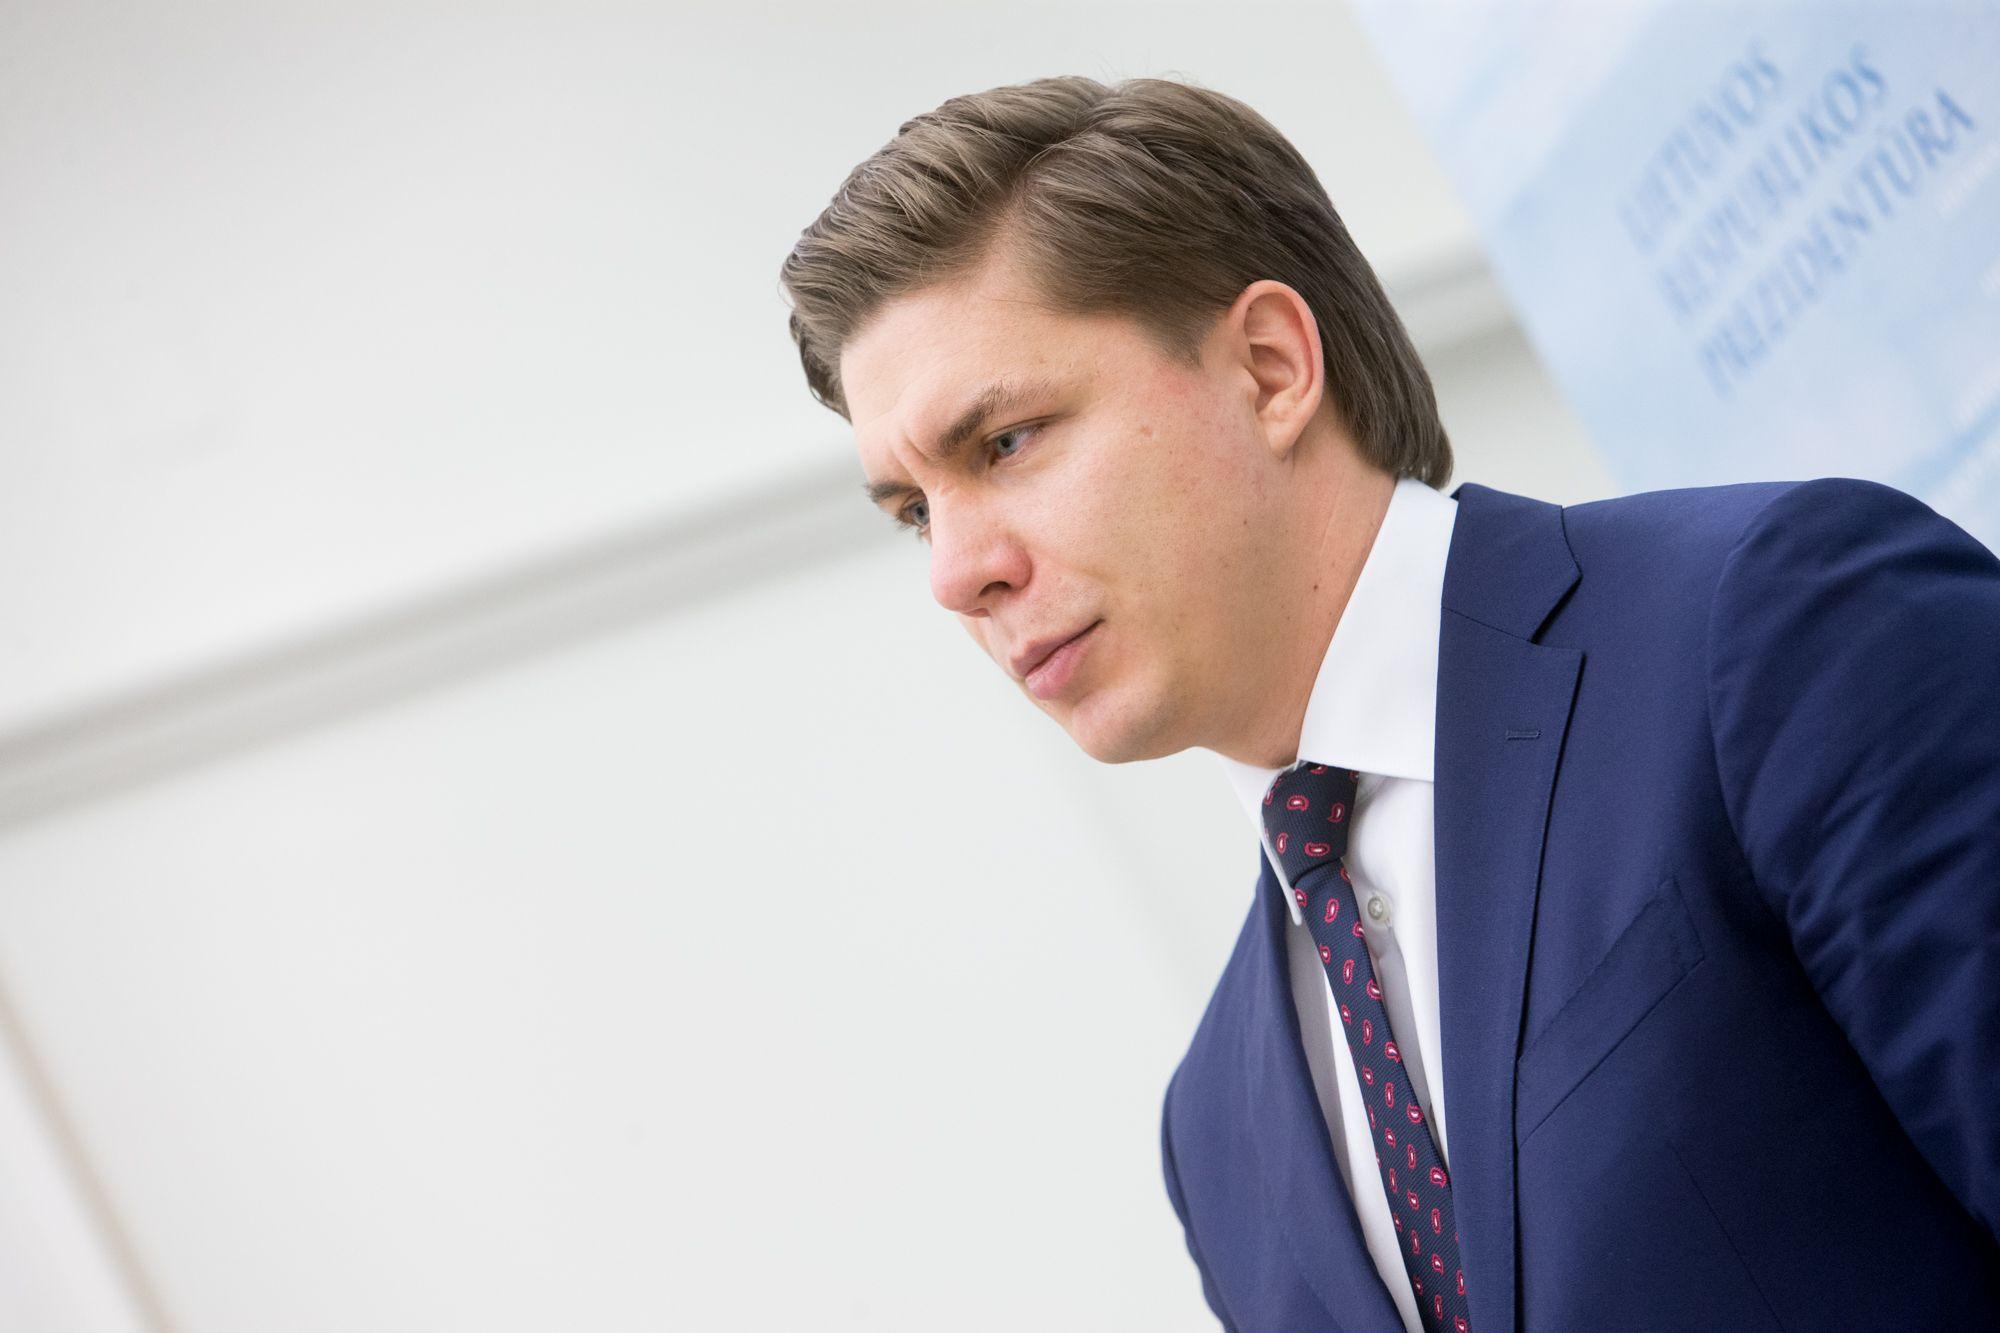 Ūkio ministras įvardijo, kokias problemas spręs